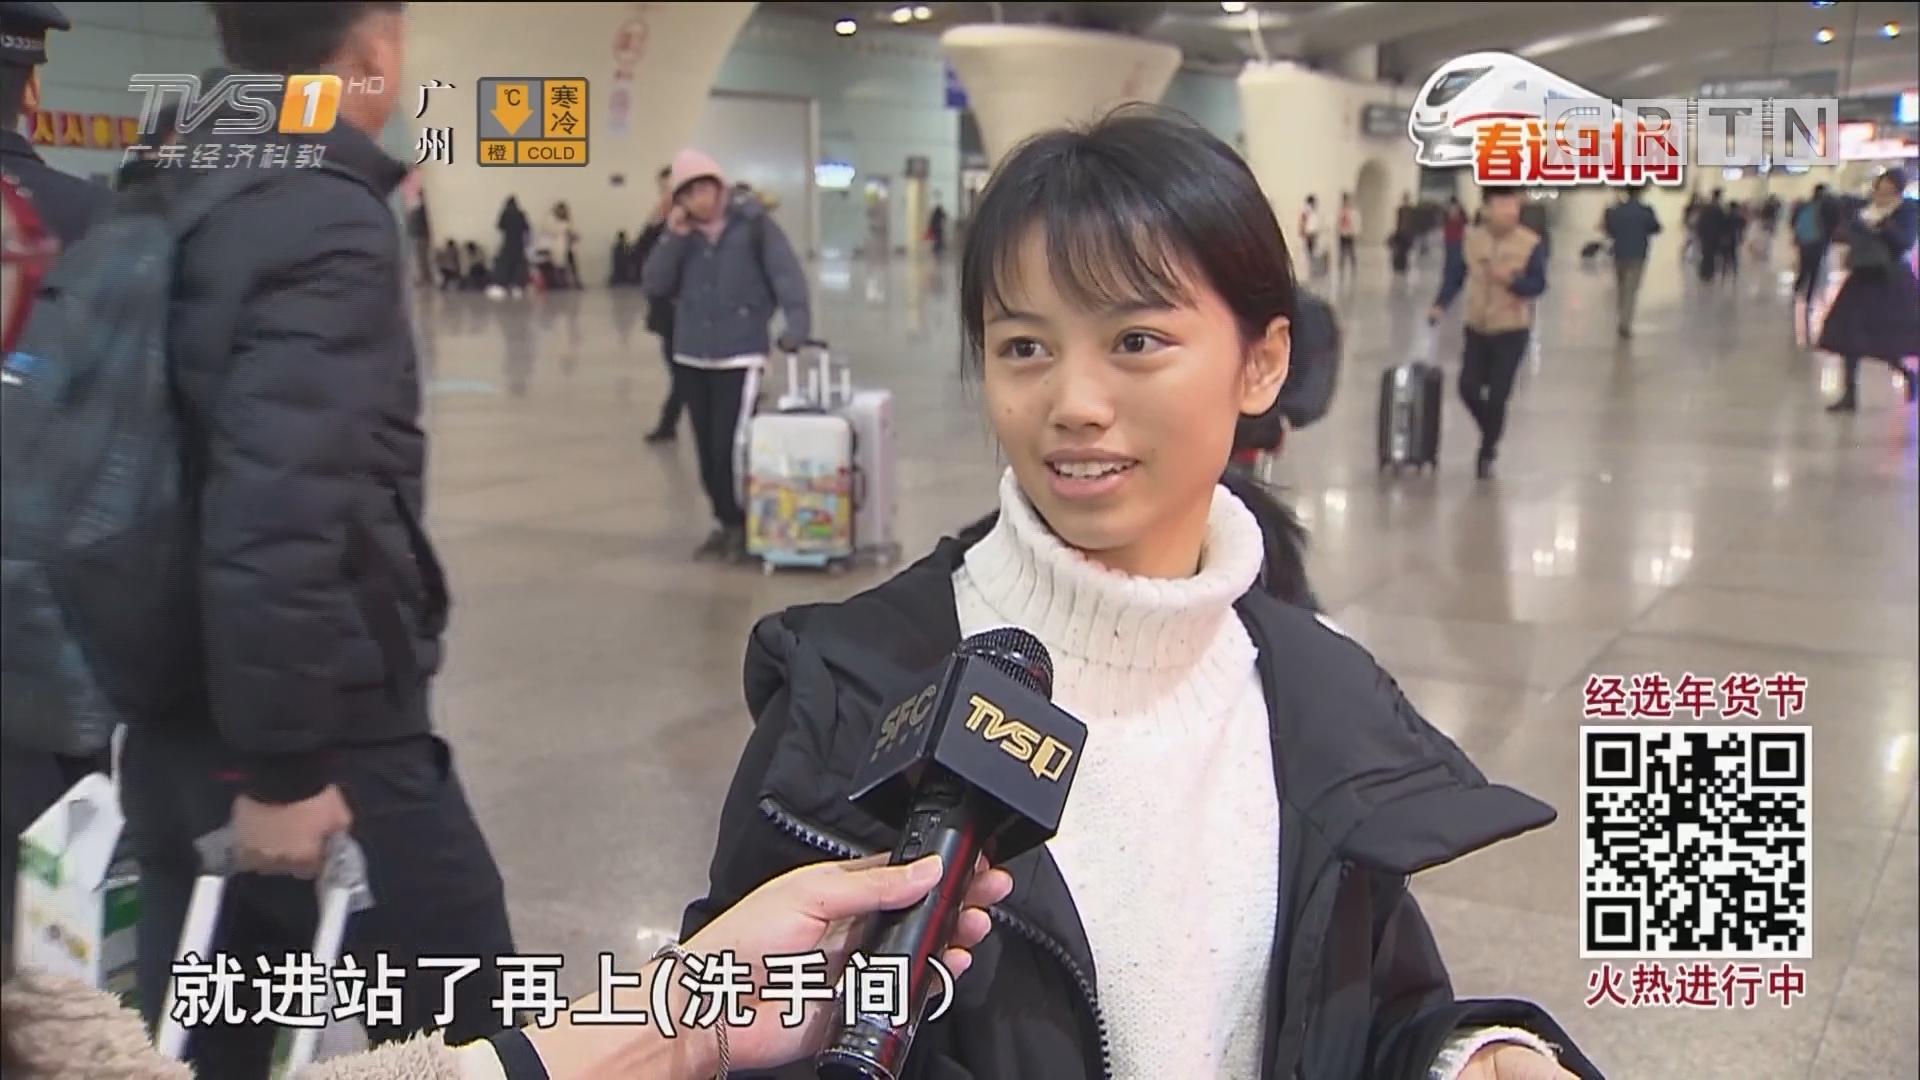 广铁集团首日发送118万人次 广州南站开启智慧时代